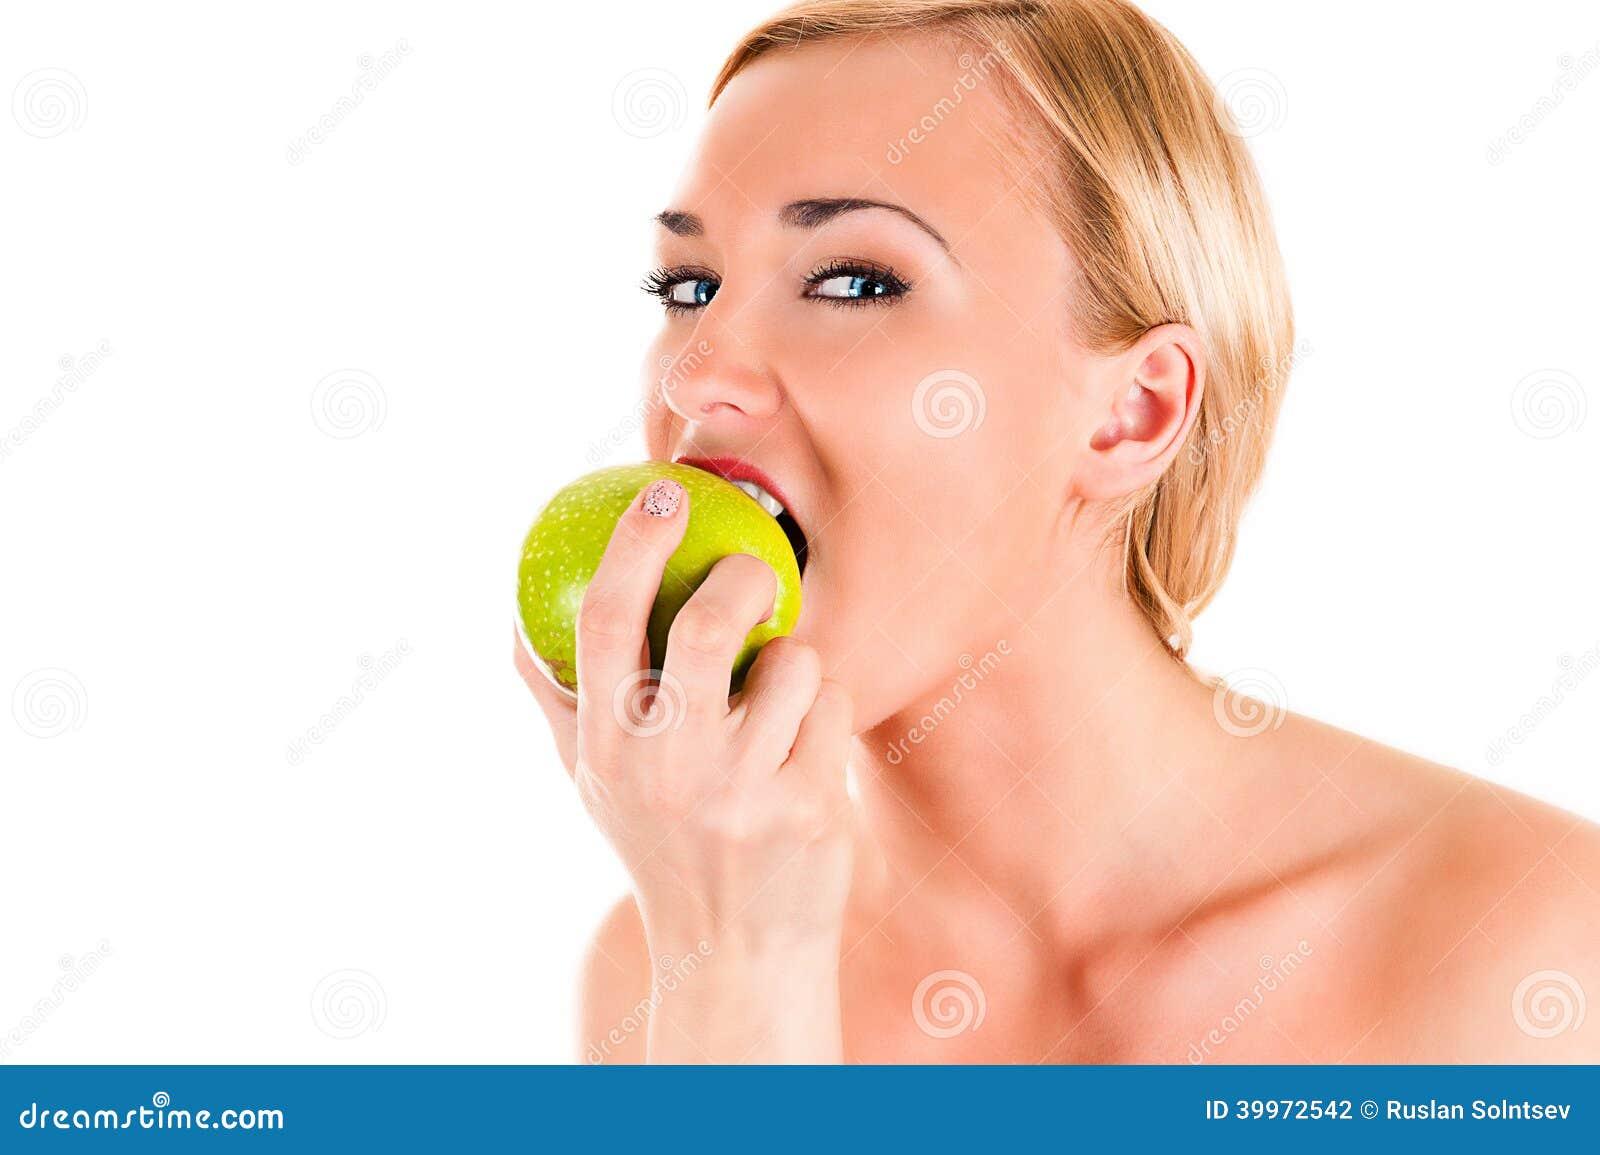 Gesunde Frau, die einen grünen Apfel isst